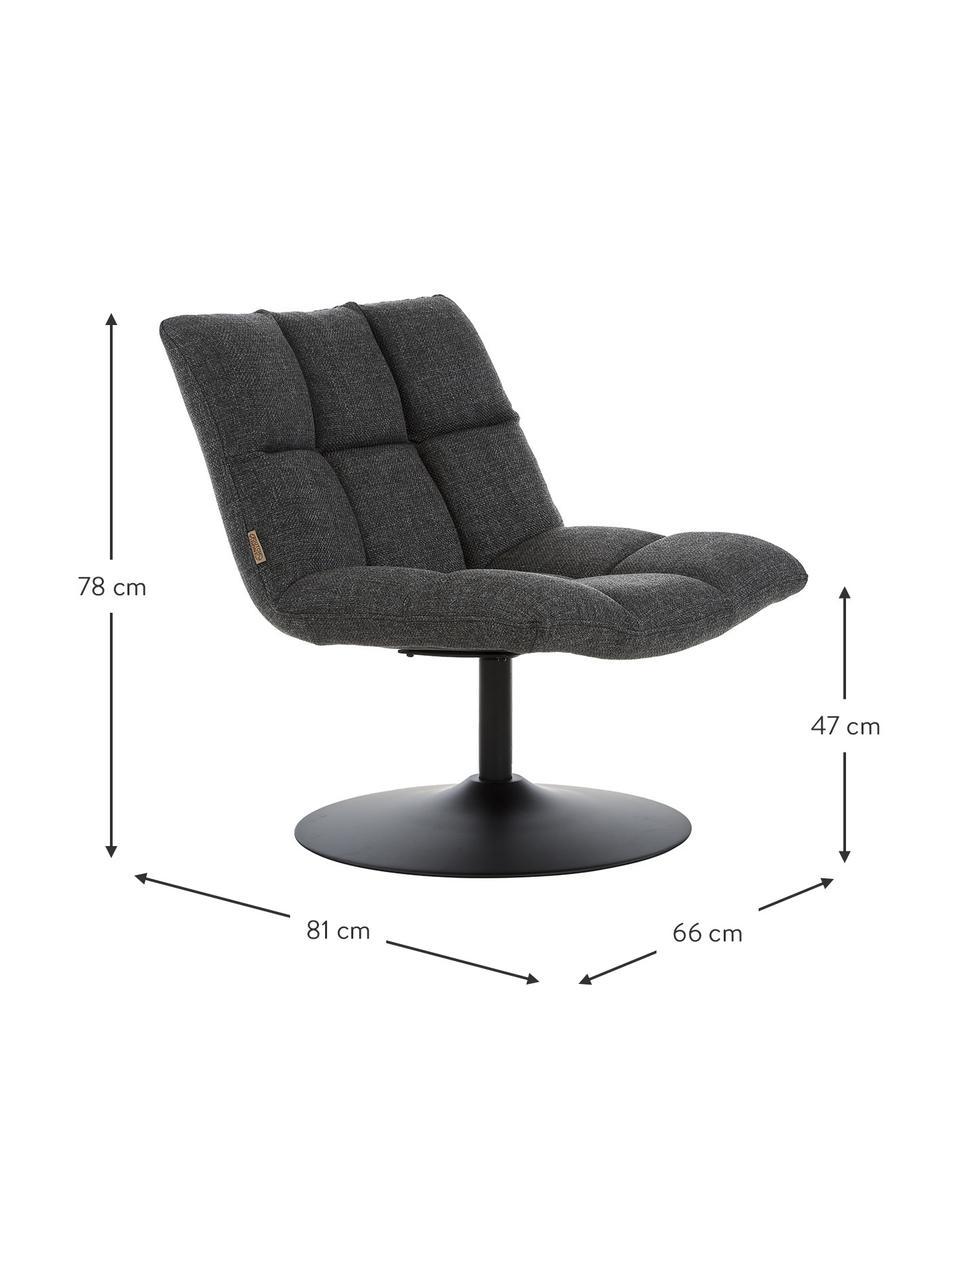 Fotel obrotowy Bar, Tapicerka: poliester Dzięki tkaninie, Korpus: drewno warstwowe, Ciemnyszary, S 66 x G 81 cm